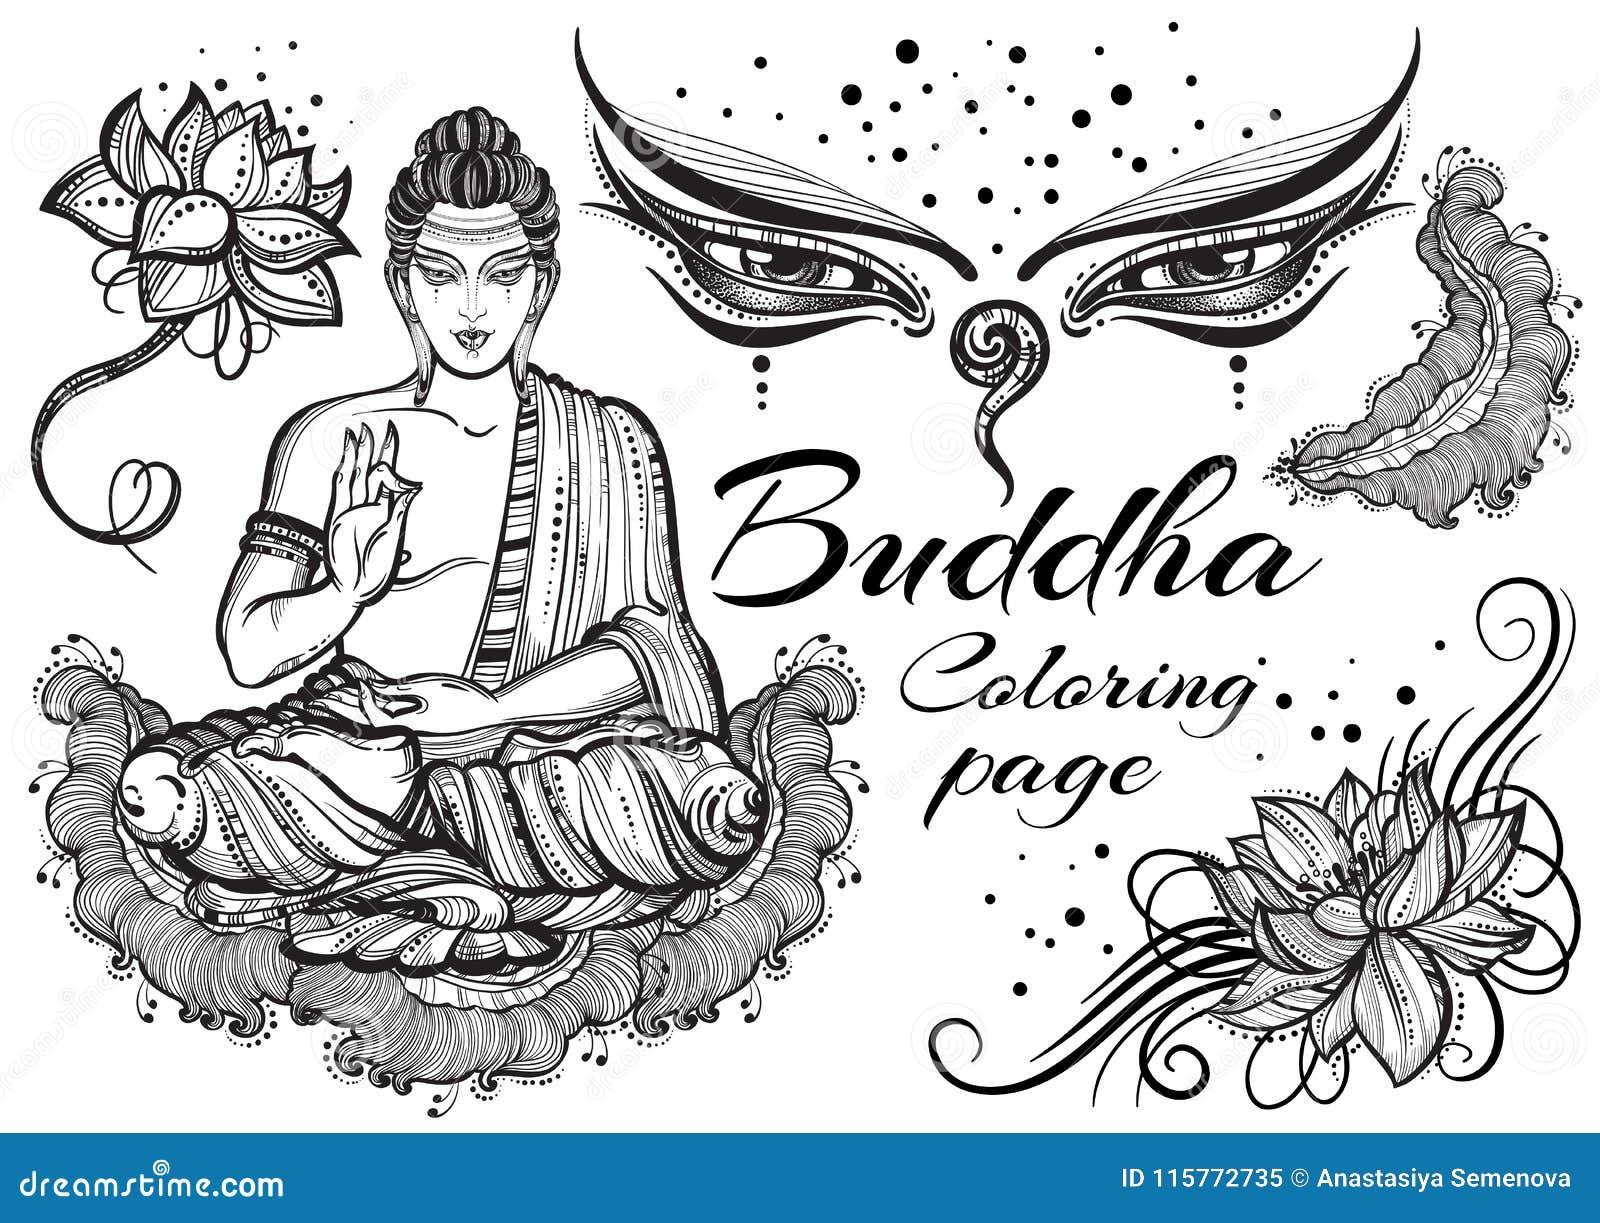 El vintage Buda gráfico fijó con los elementos sagrados budistas Concepto religioso Arte de alta calidad del vector aislado